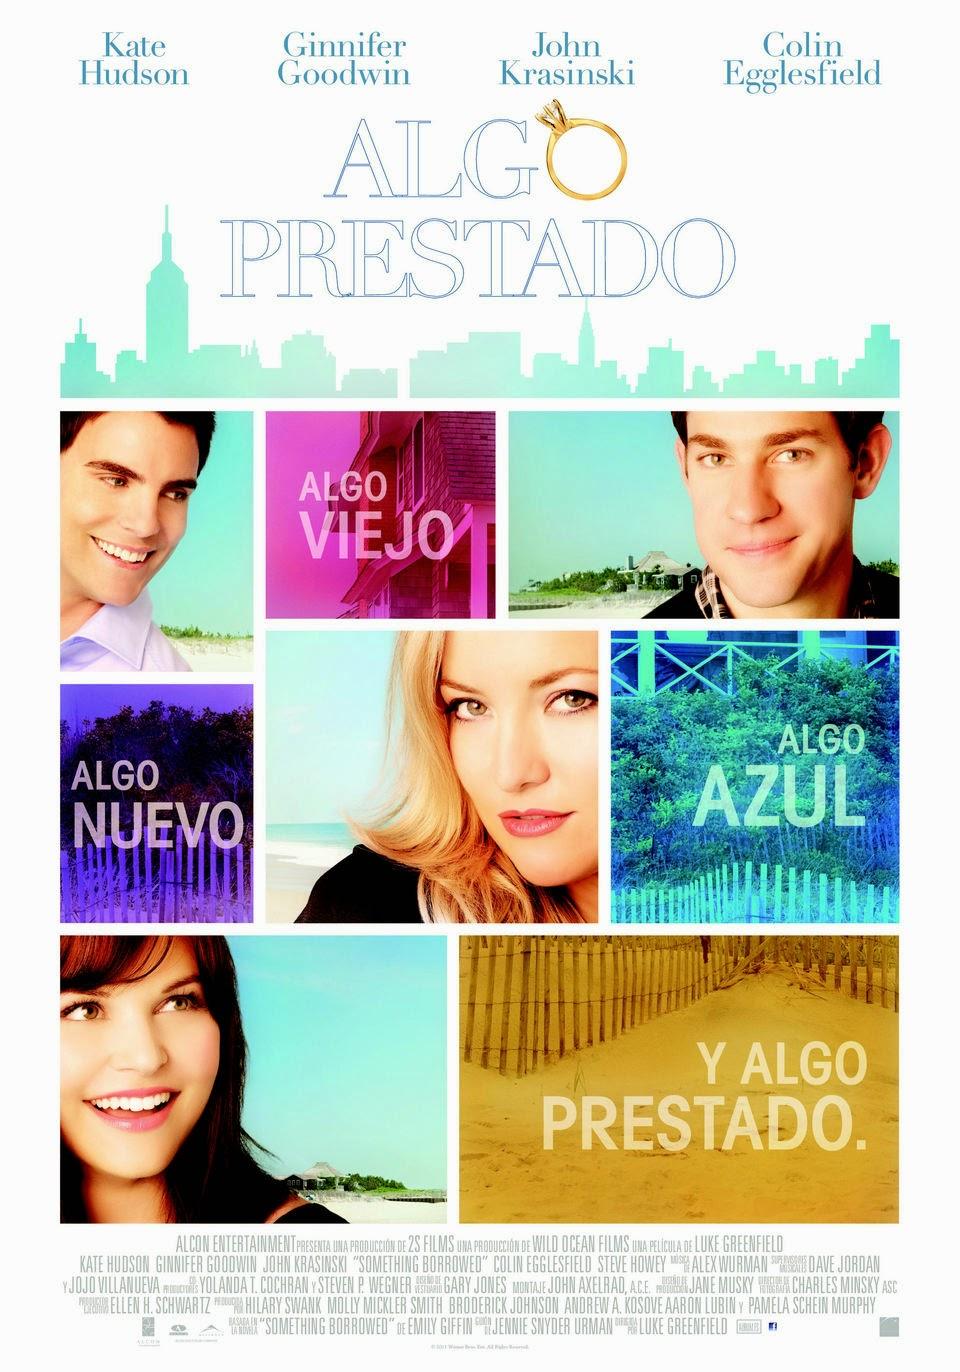 http://3.bp.blogspot.com/-NiW4YDI0Or4/VAXc32KNAdI/AAAAAAAAAmA/6E-5zodvv_U/s1600/001-algo-prestado-espana.jpg